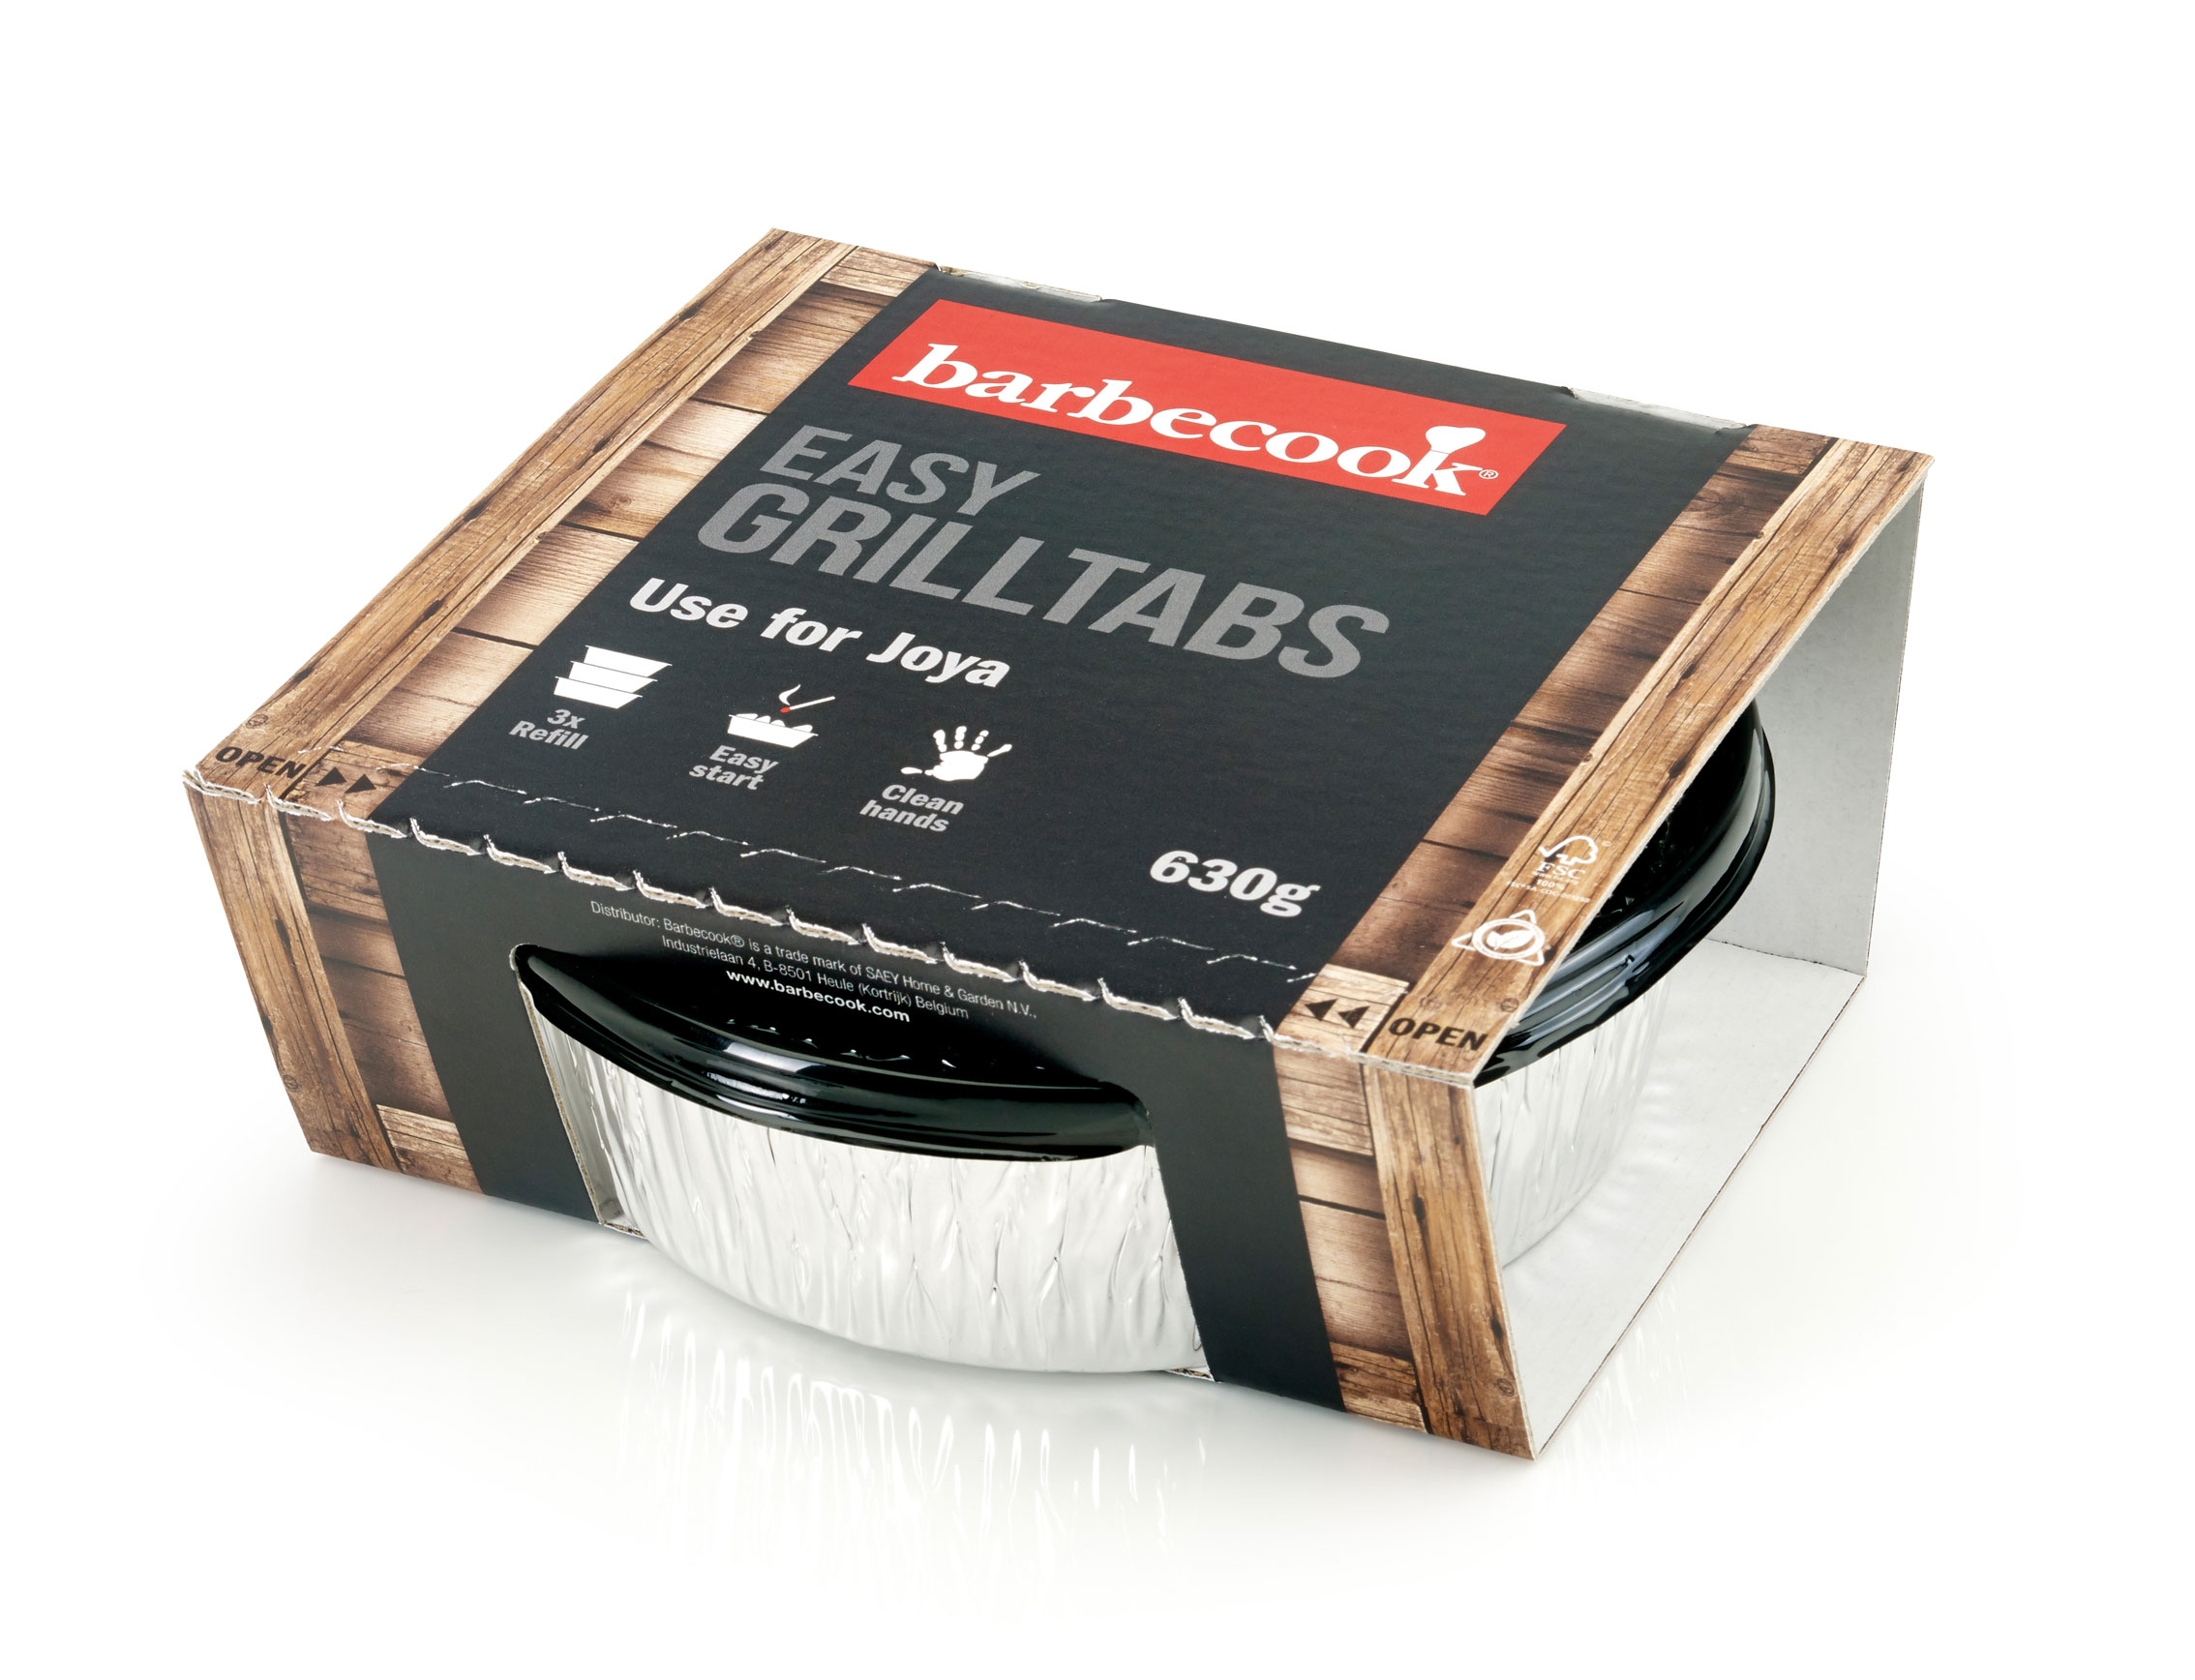 Grilltabs barbecook 3er Set je 650g für Joya und Amica Bild 2